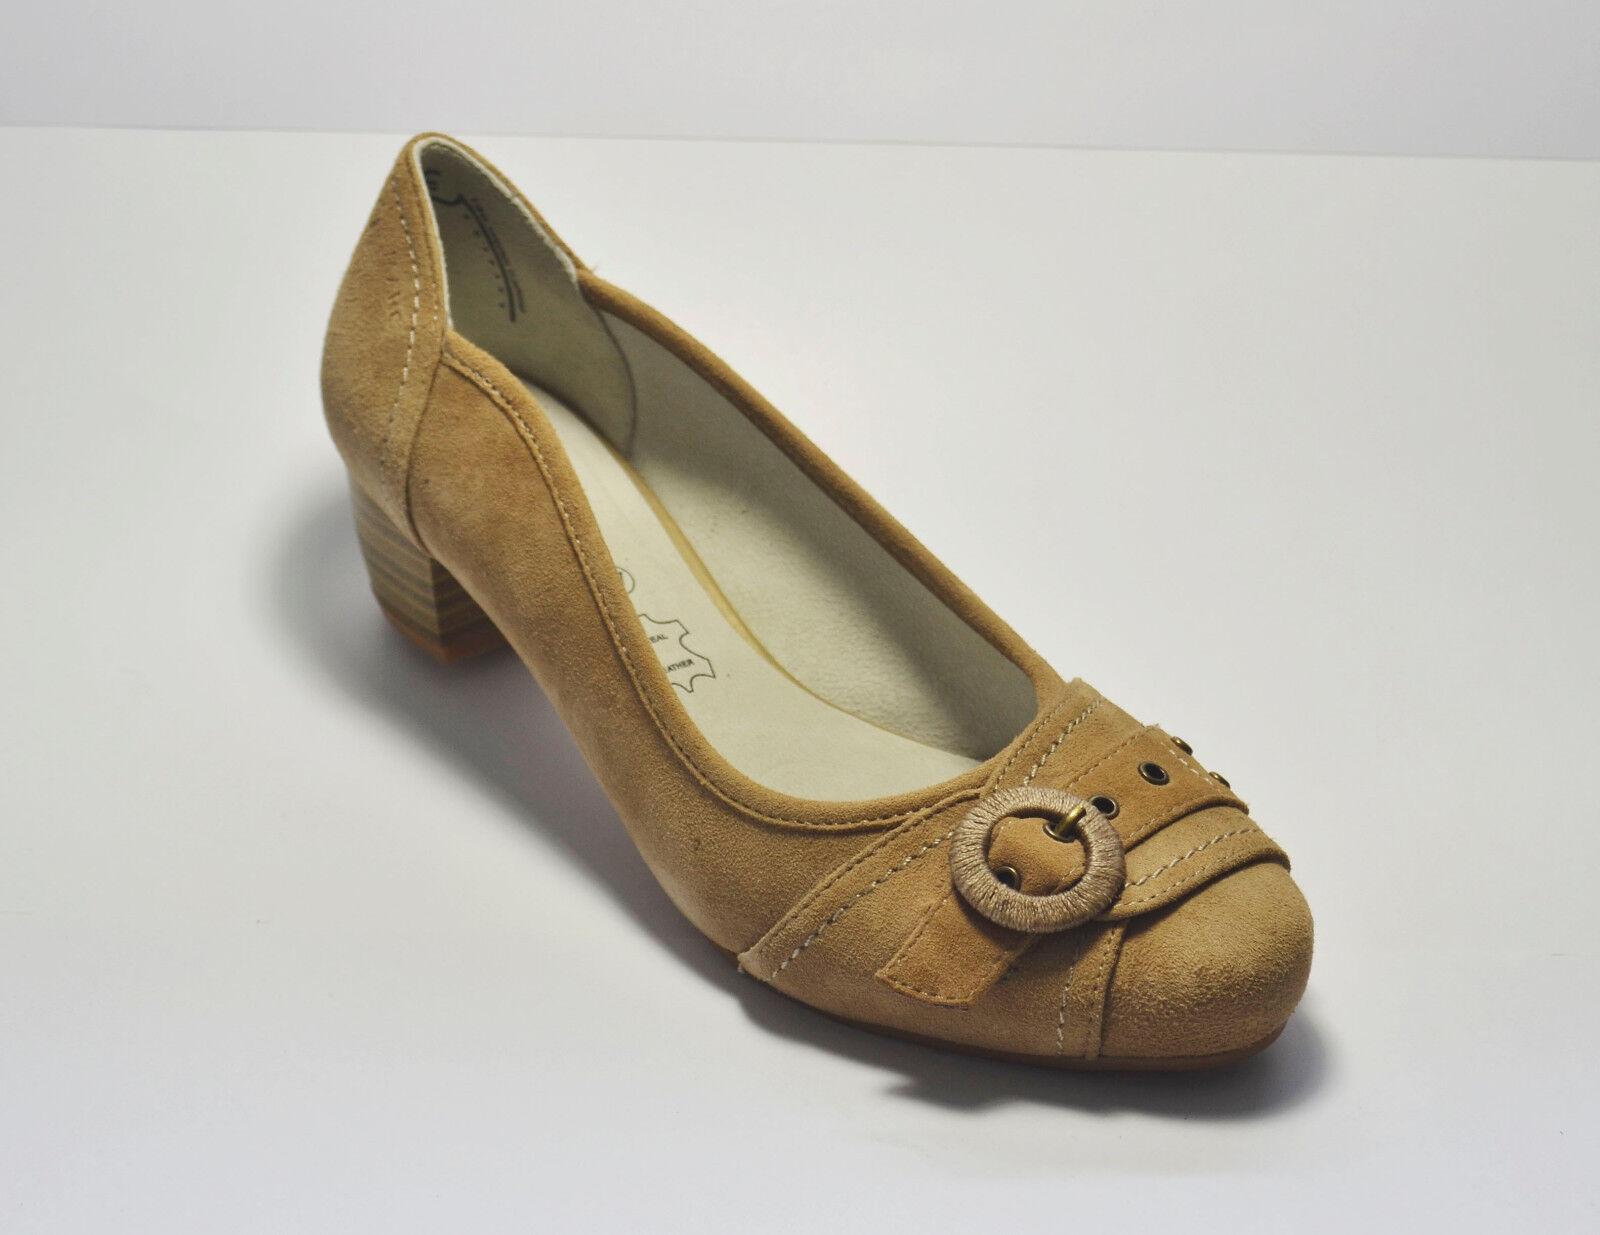 Marc chaussures femmes Escarpins beige Taille 40 (PE 1941 s)